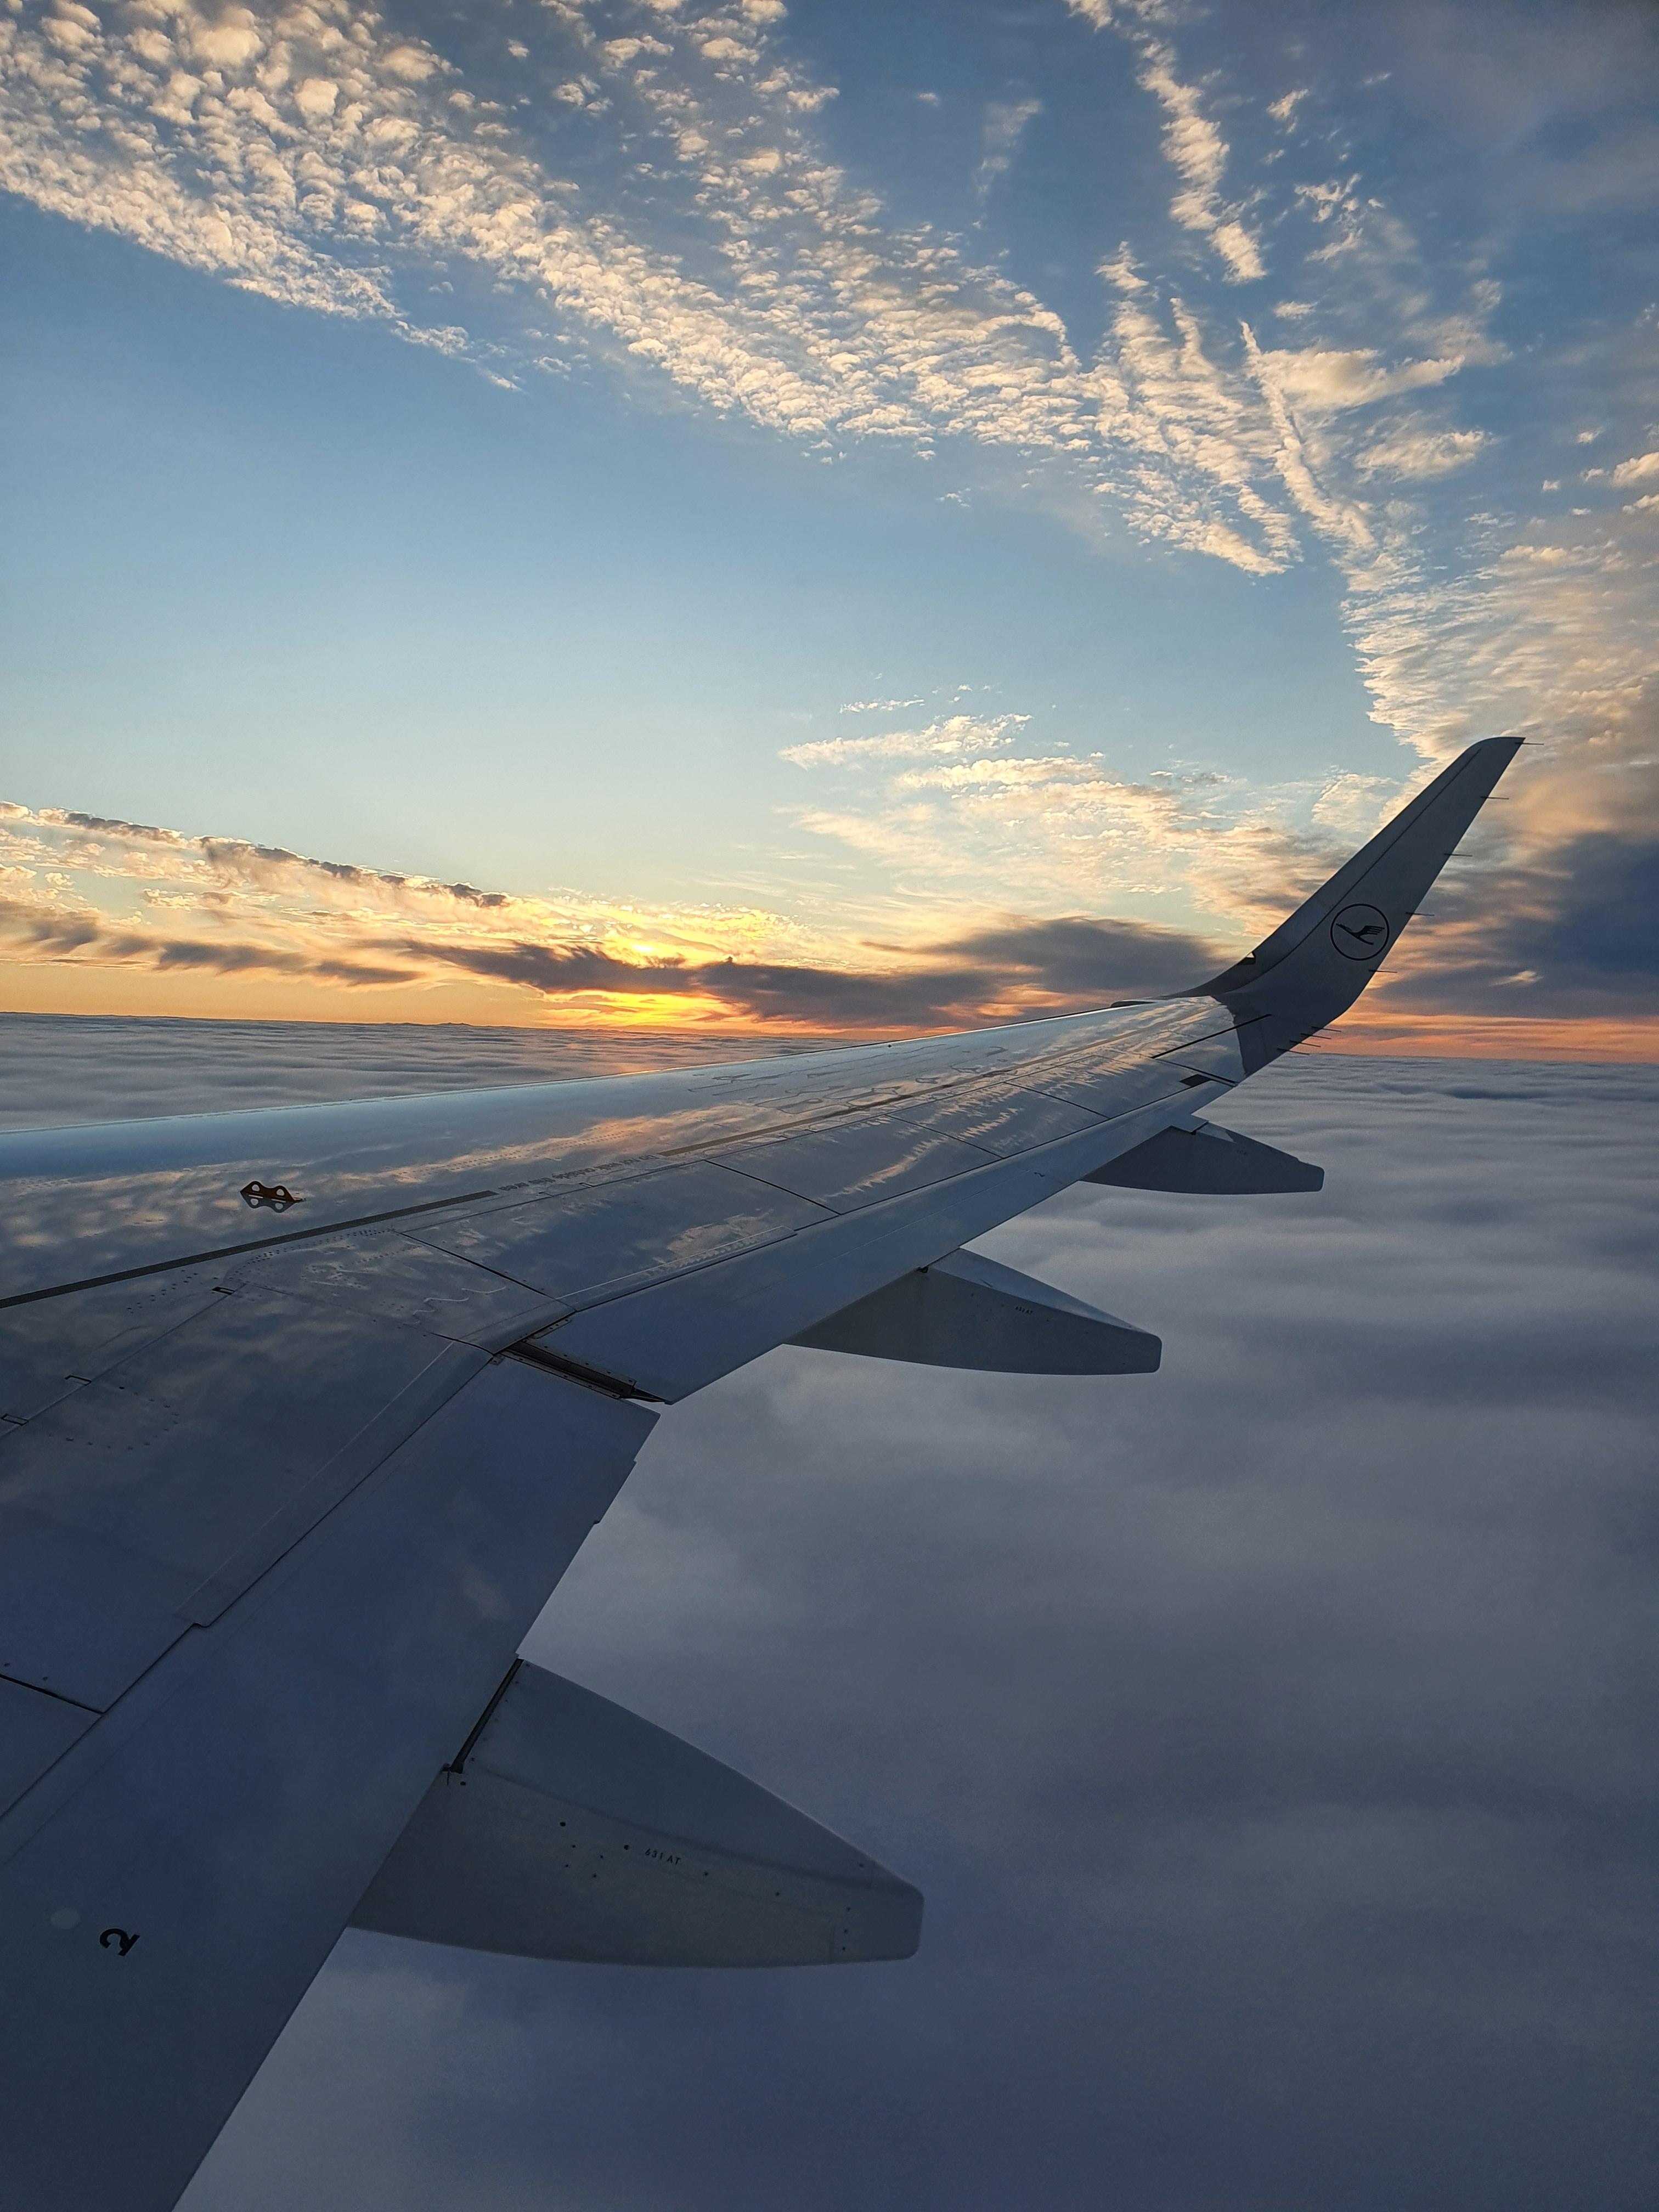 Island - Mitternachtssonne über den Wolken